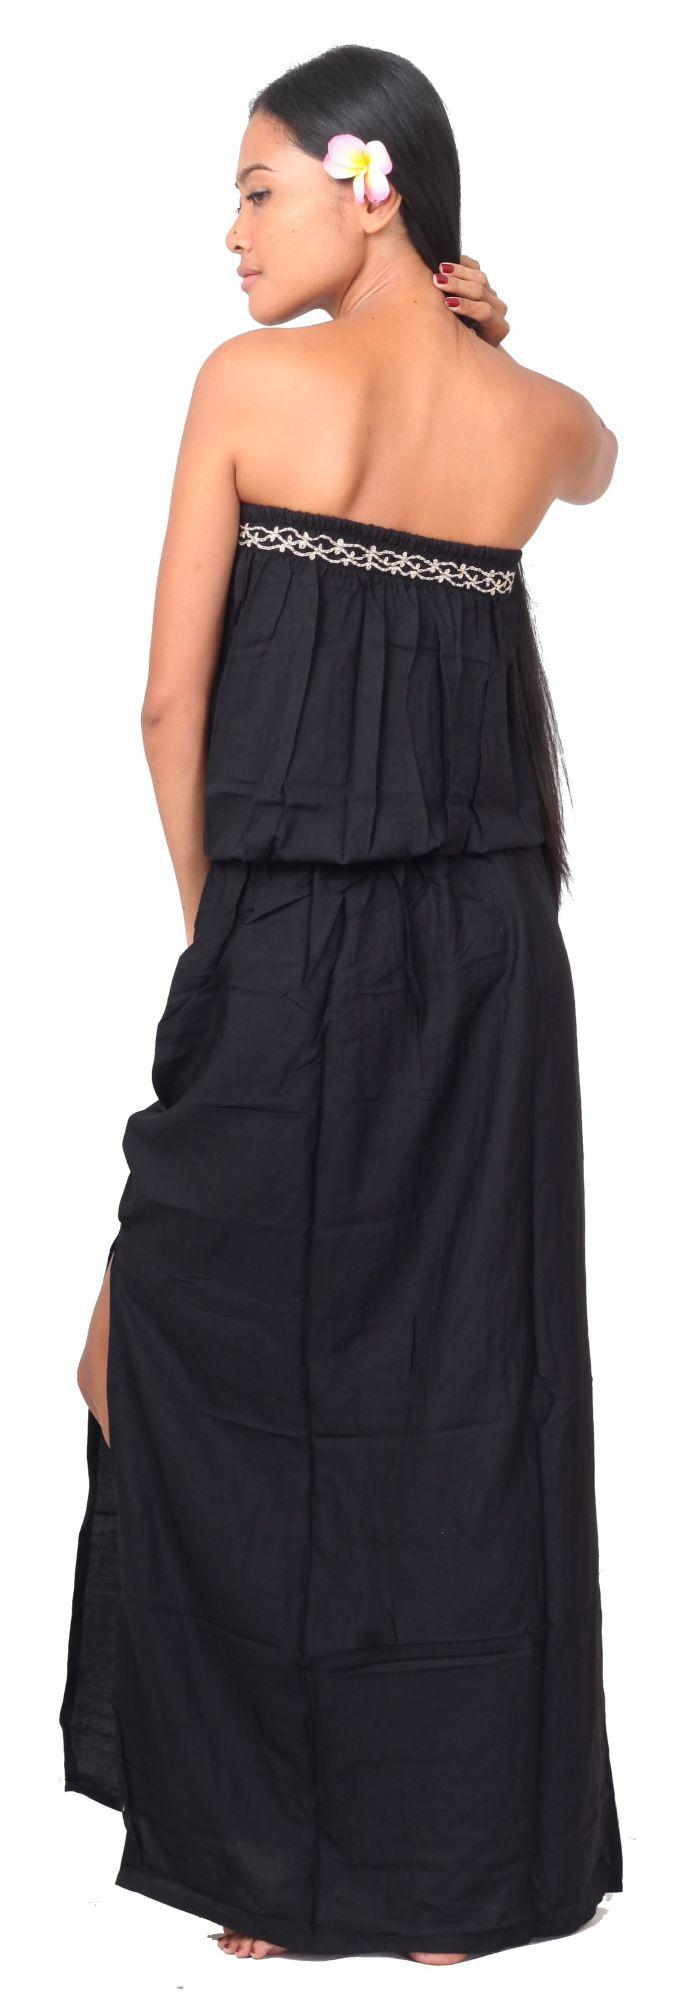 Robe de plage brodée noir